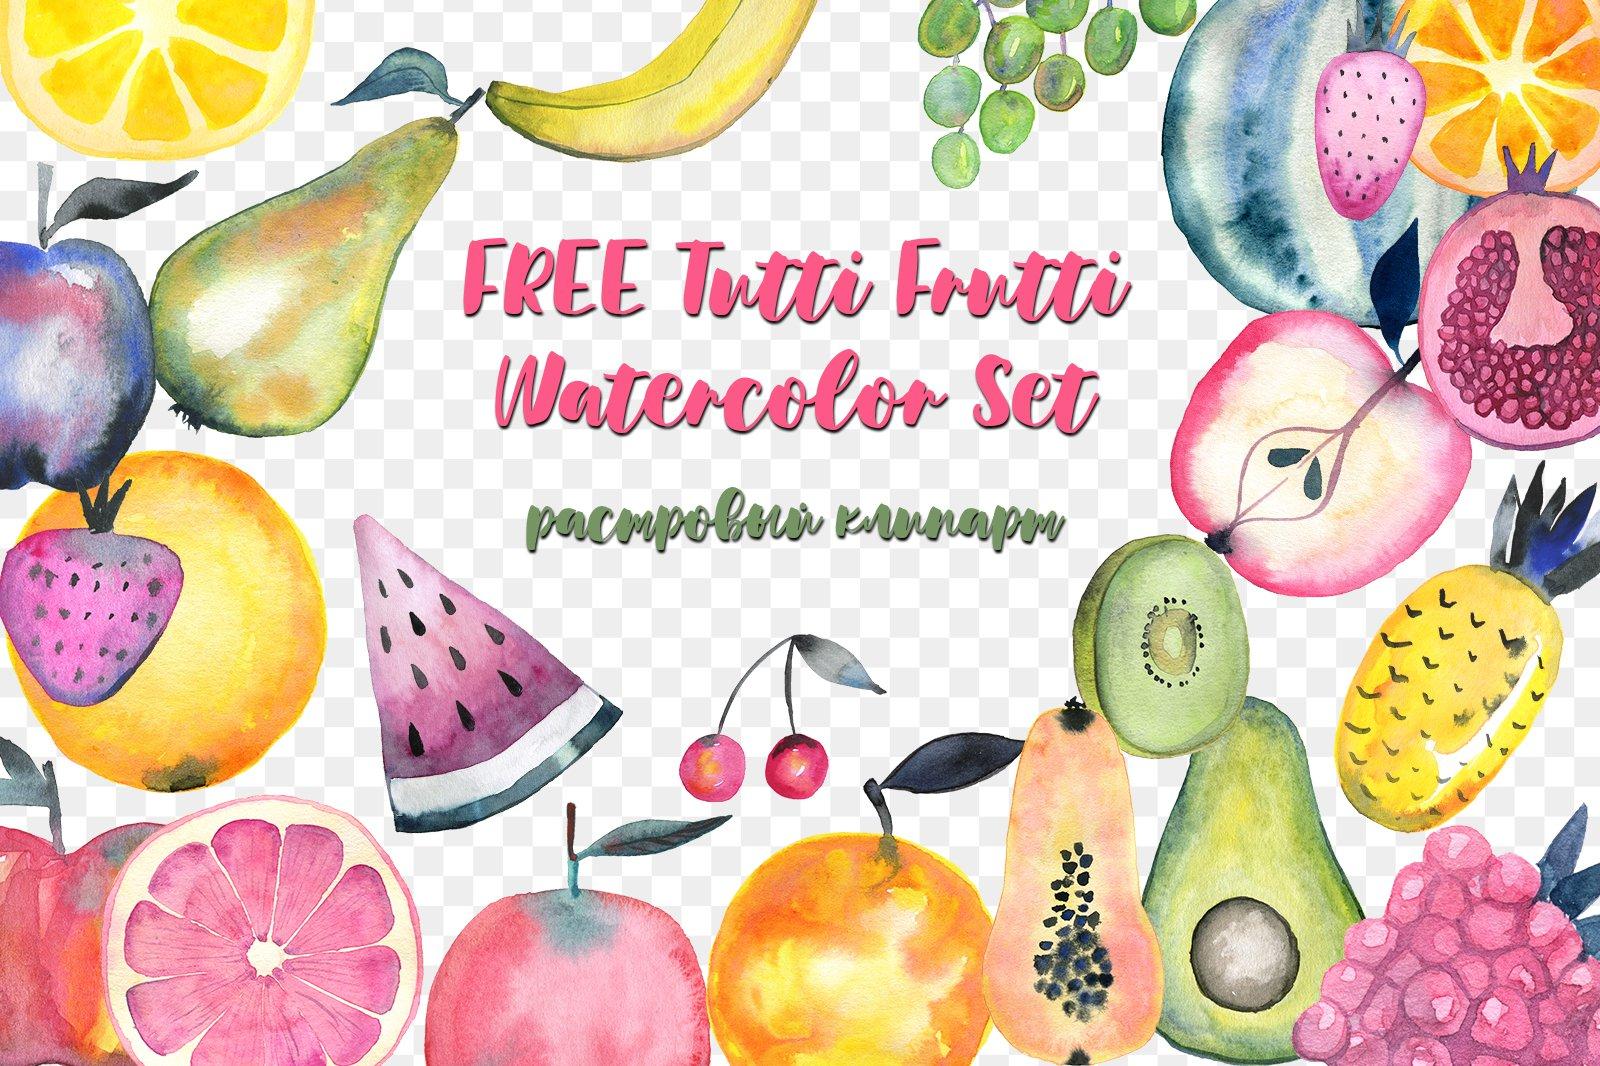 FREE Tutti Frutti Watercolor Set растровый клипарт скачать бесплатно